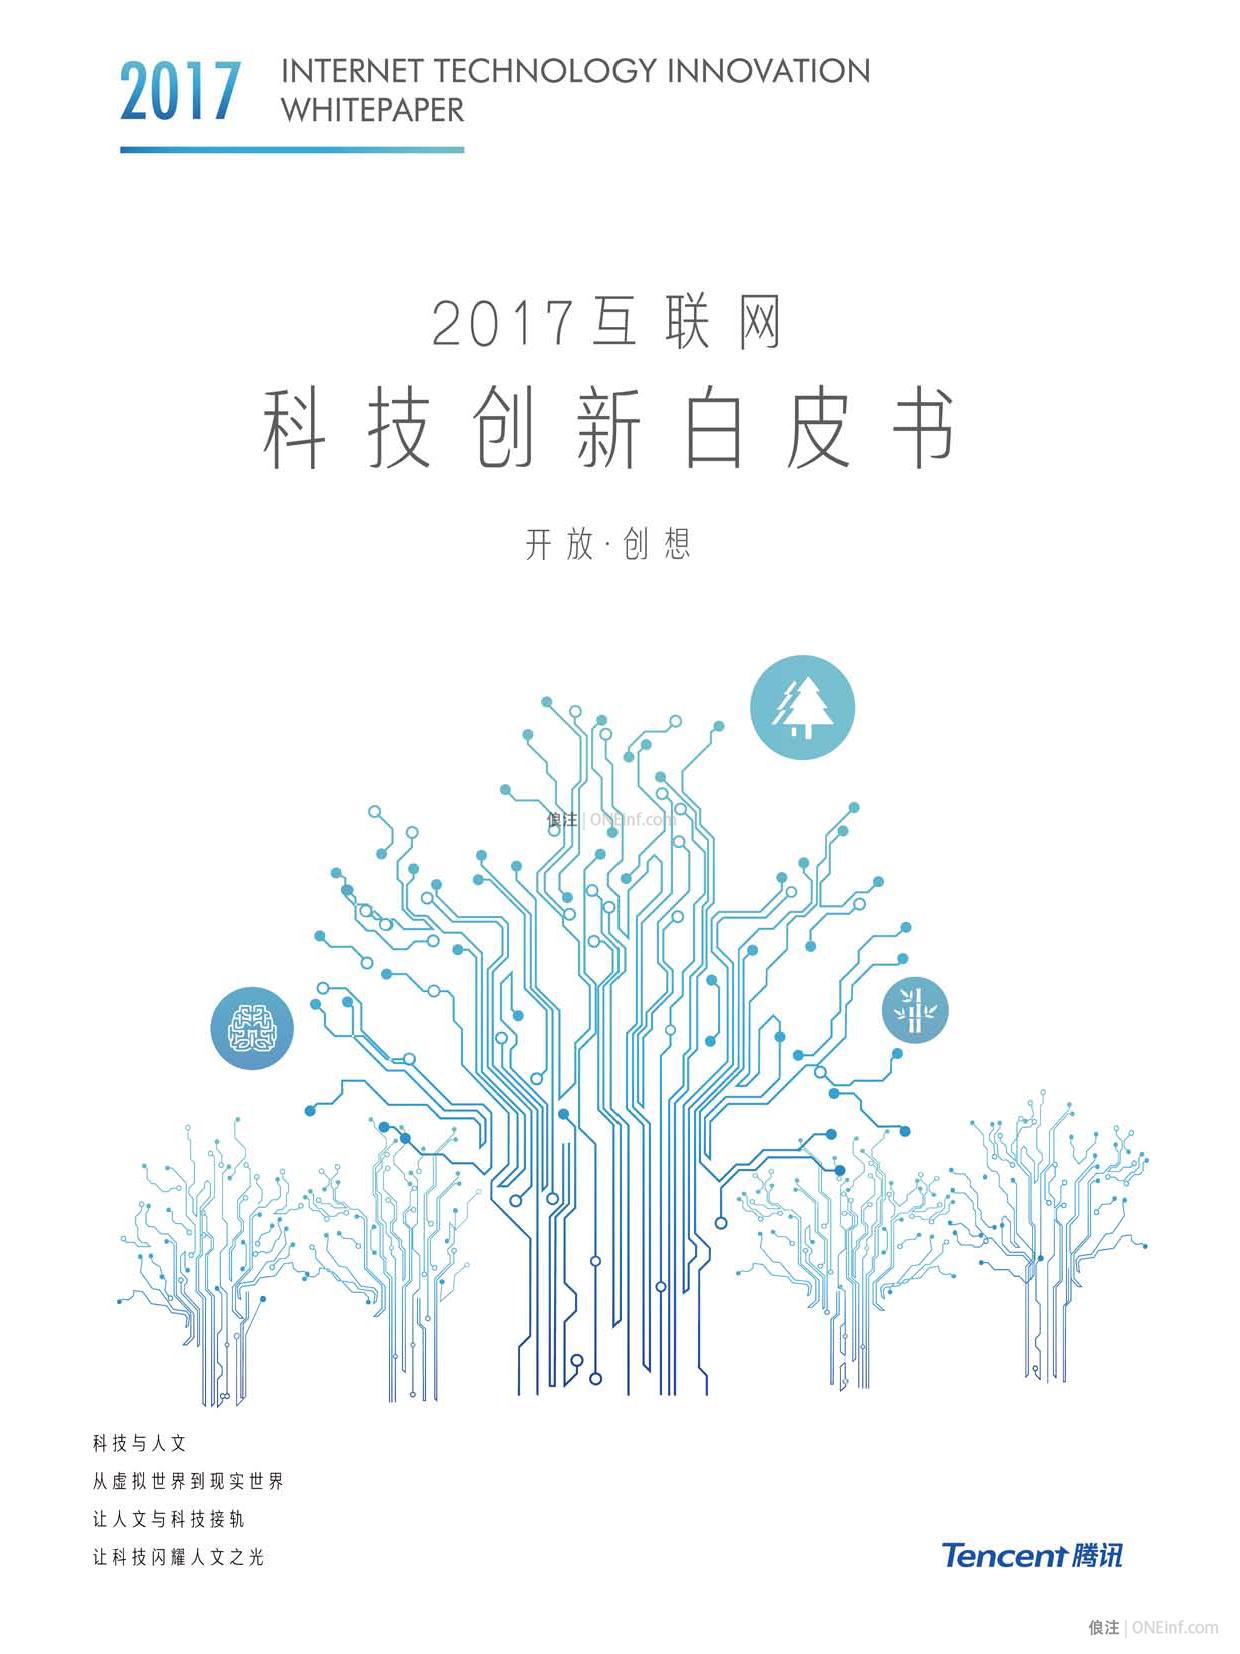 2017互联网科技创新白皮书